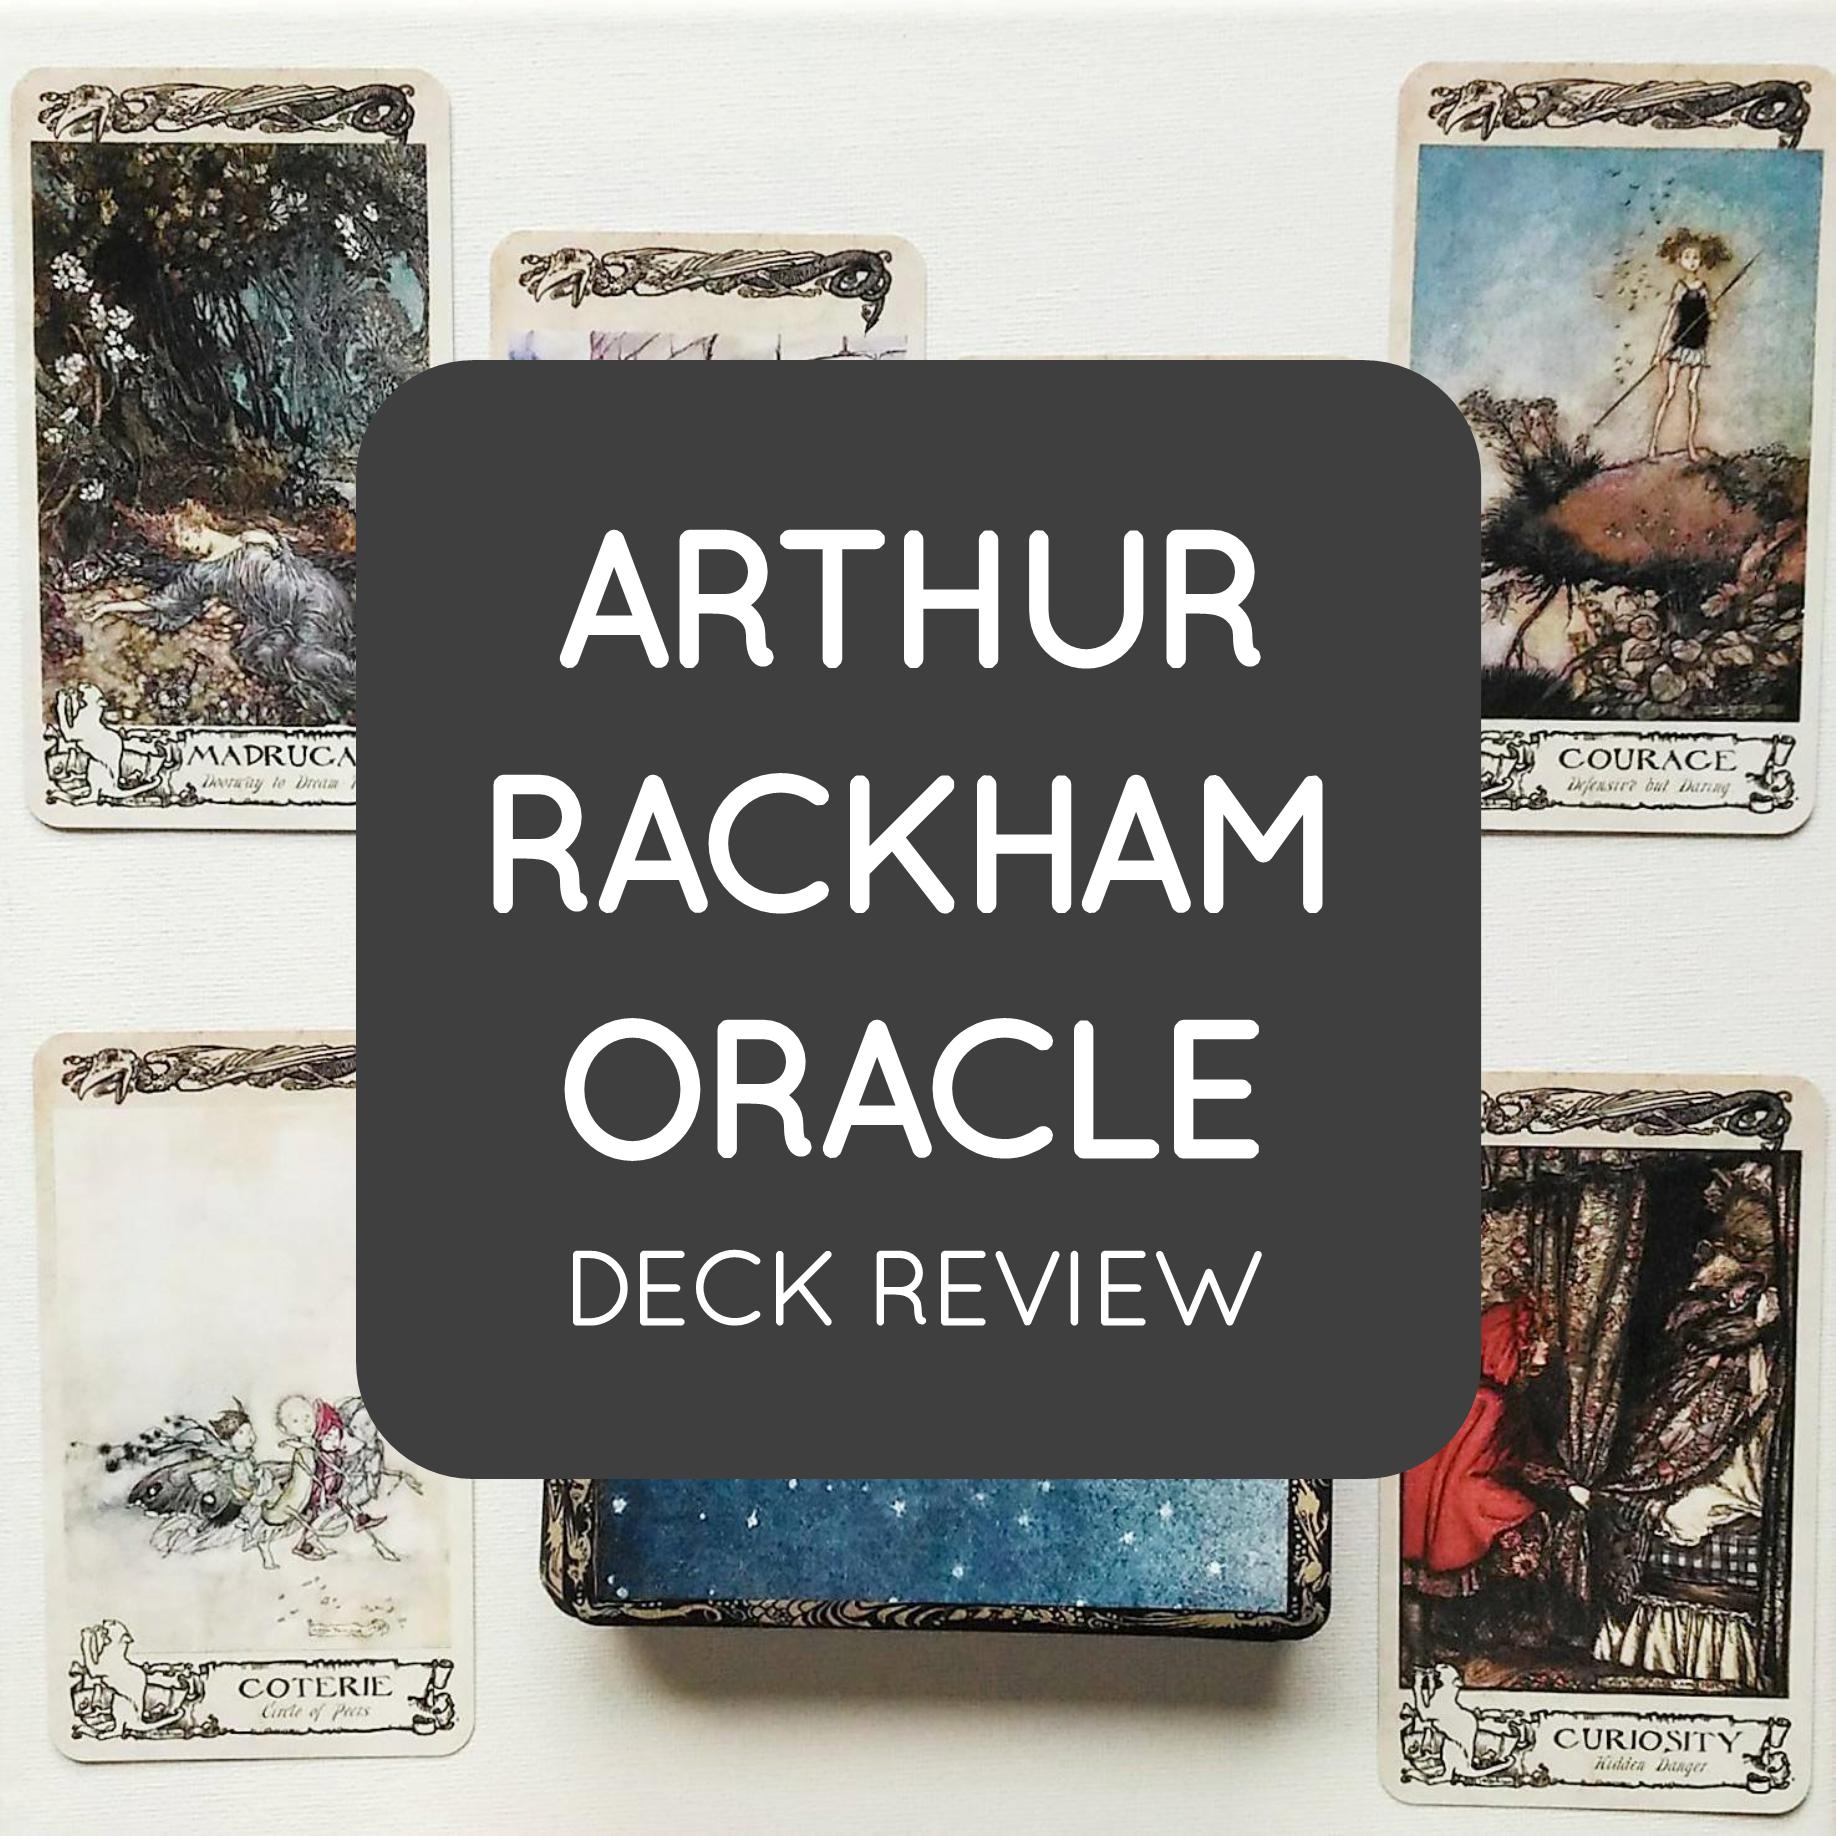 05-arthur rackham oracle deck review.png